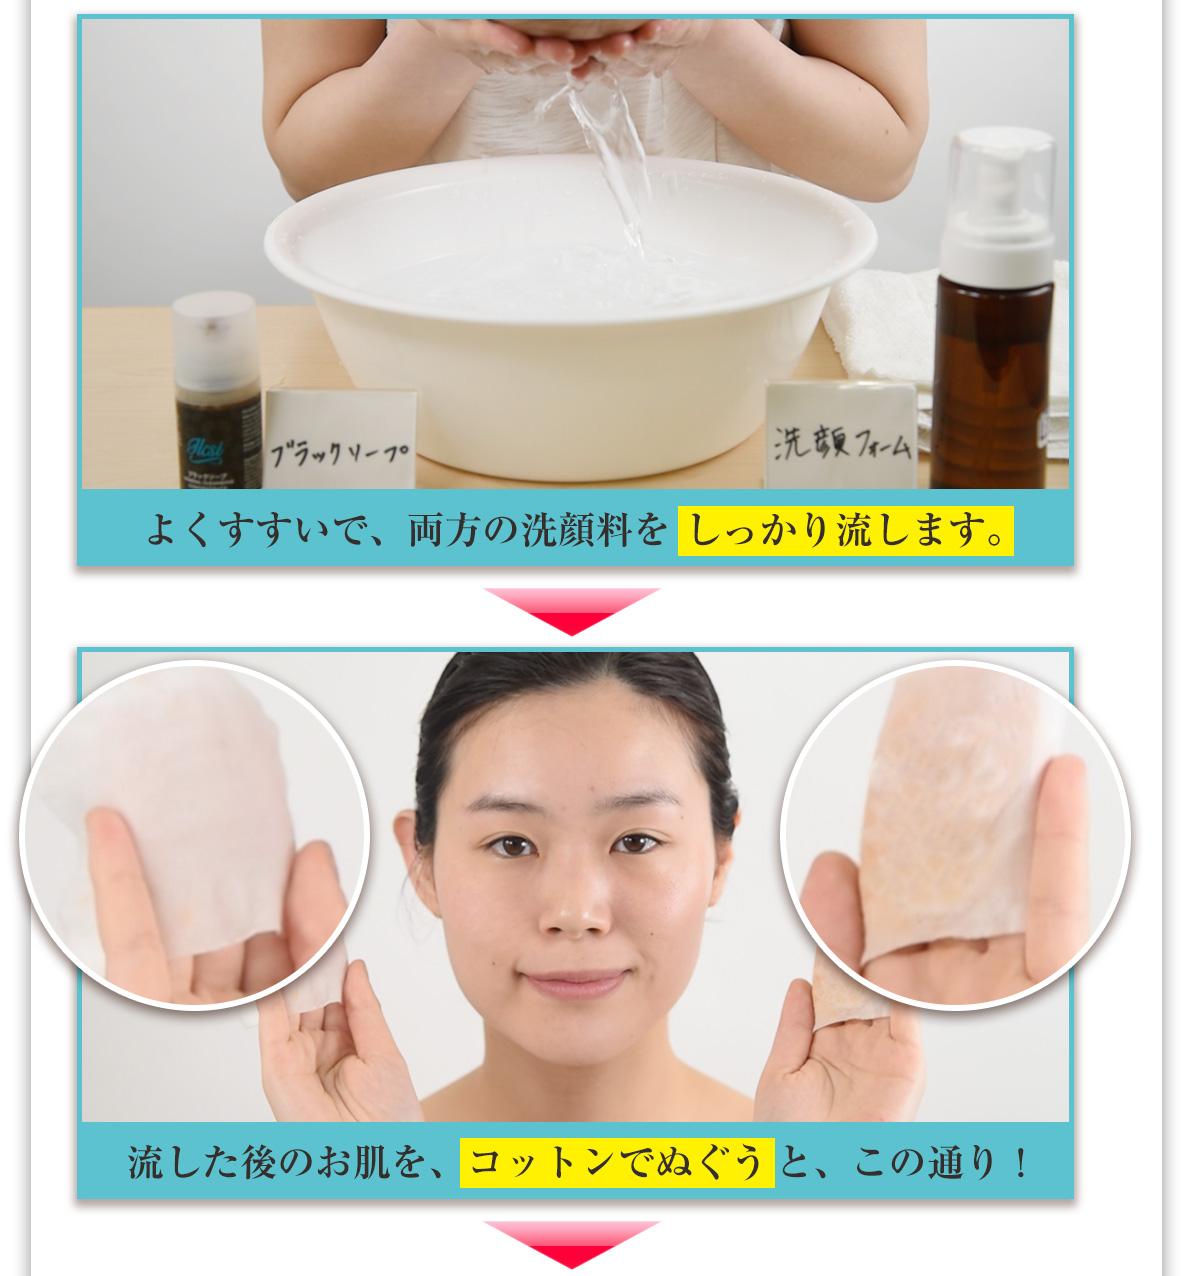 ブラックソープVS泡洗顔